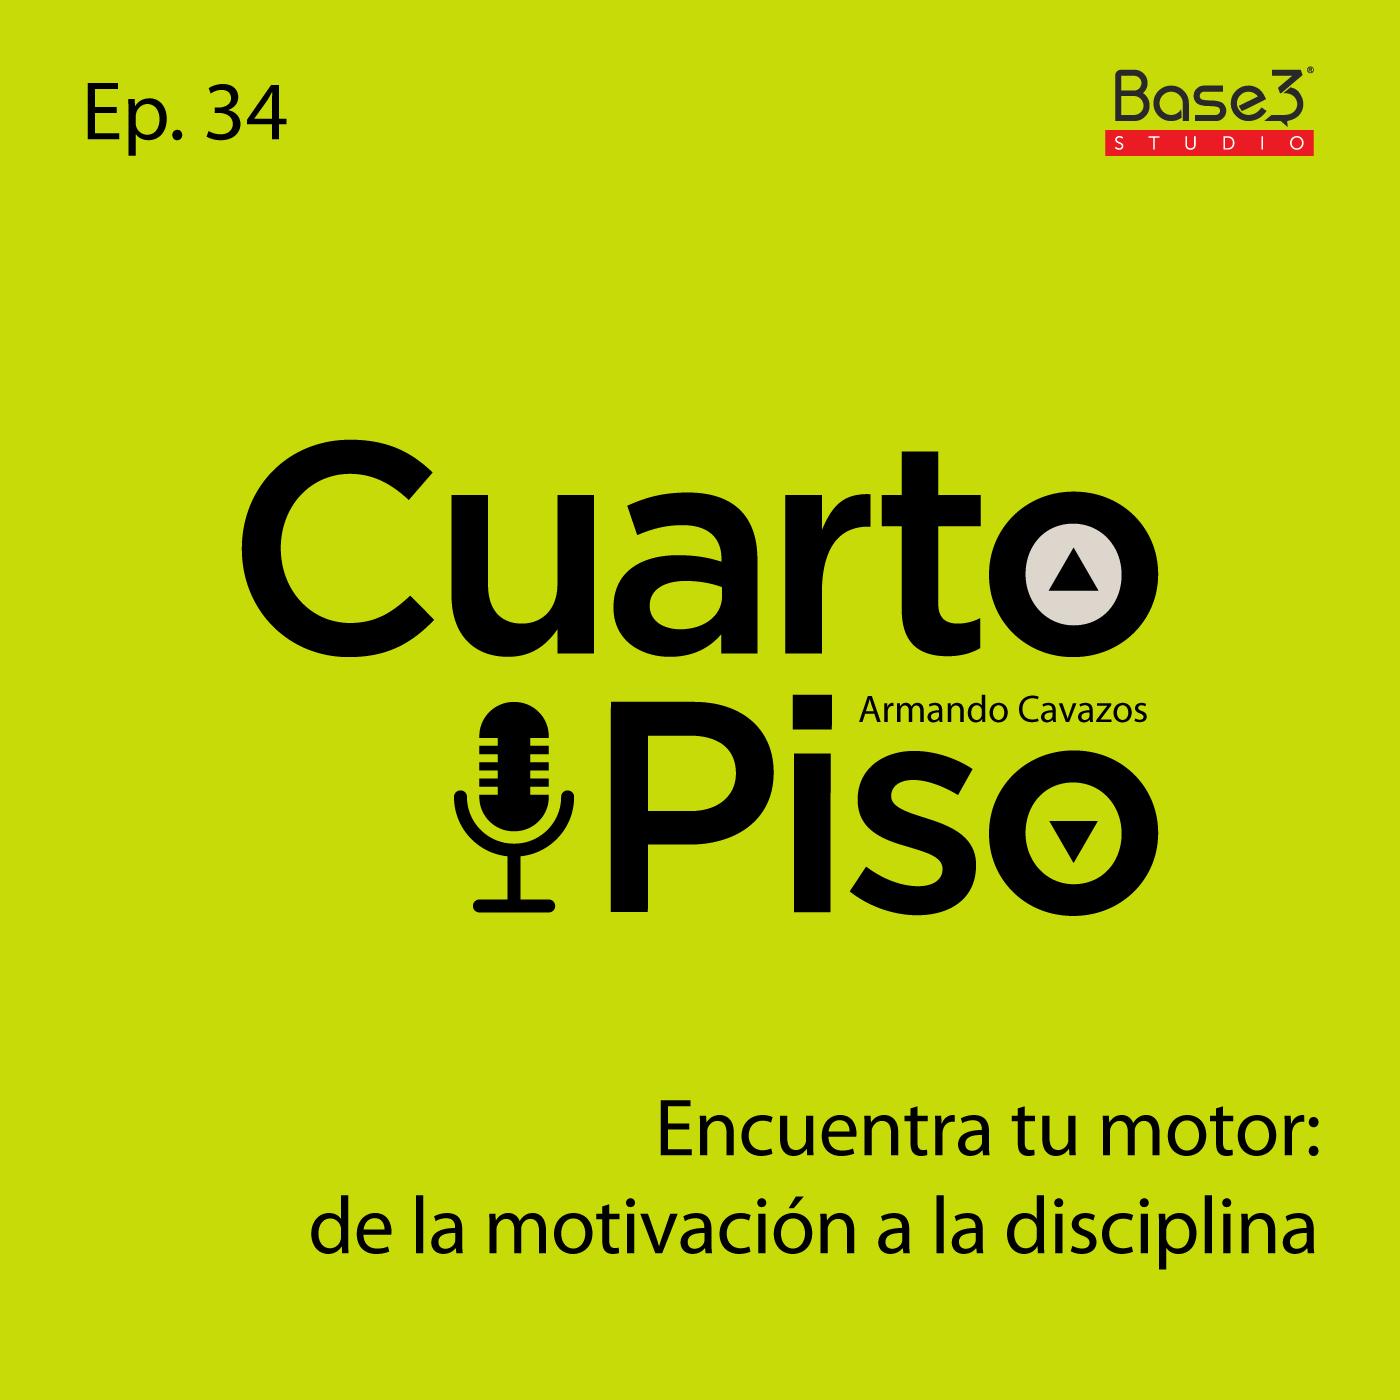 Encuentra tu motor: de la motivación a la disciplina